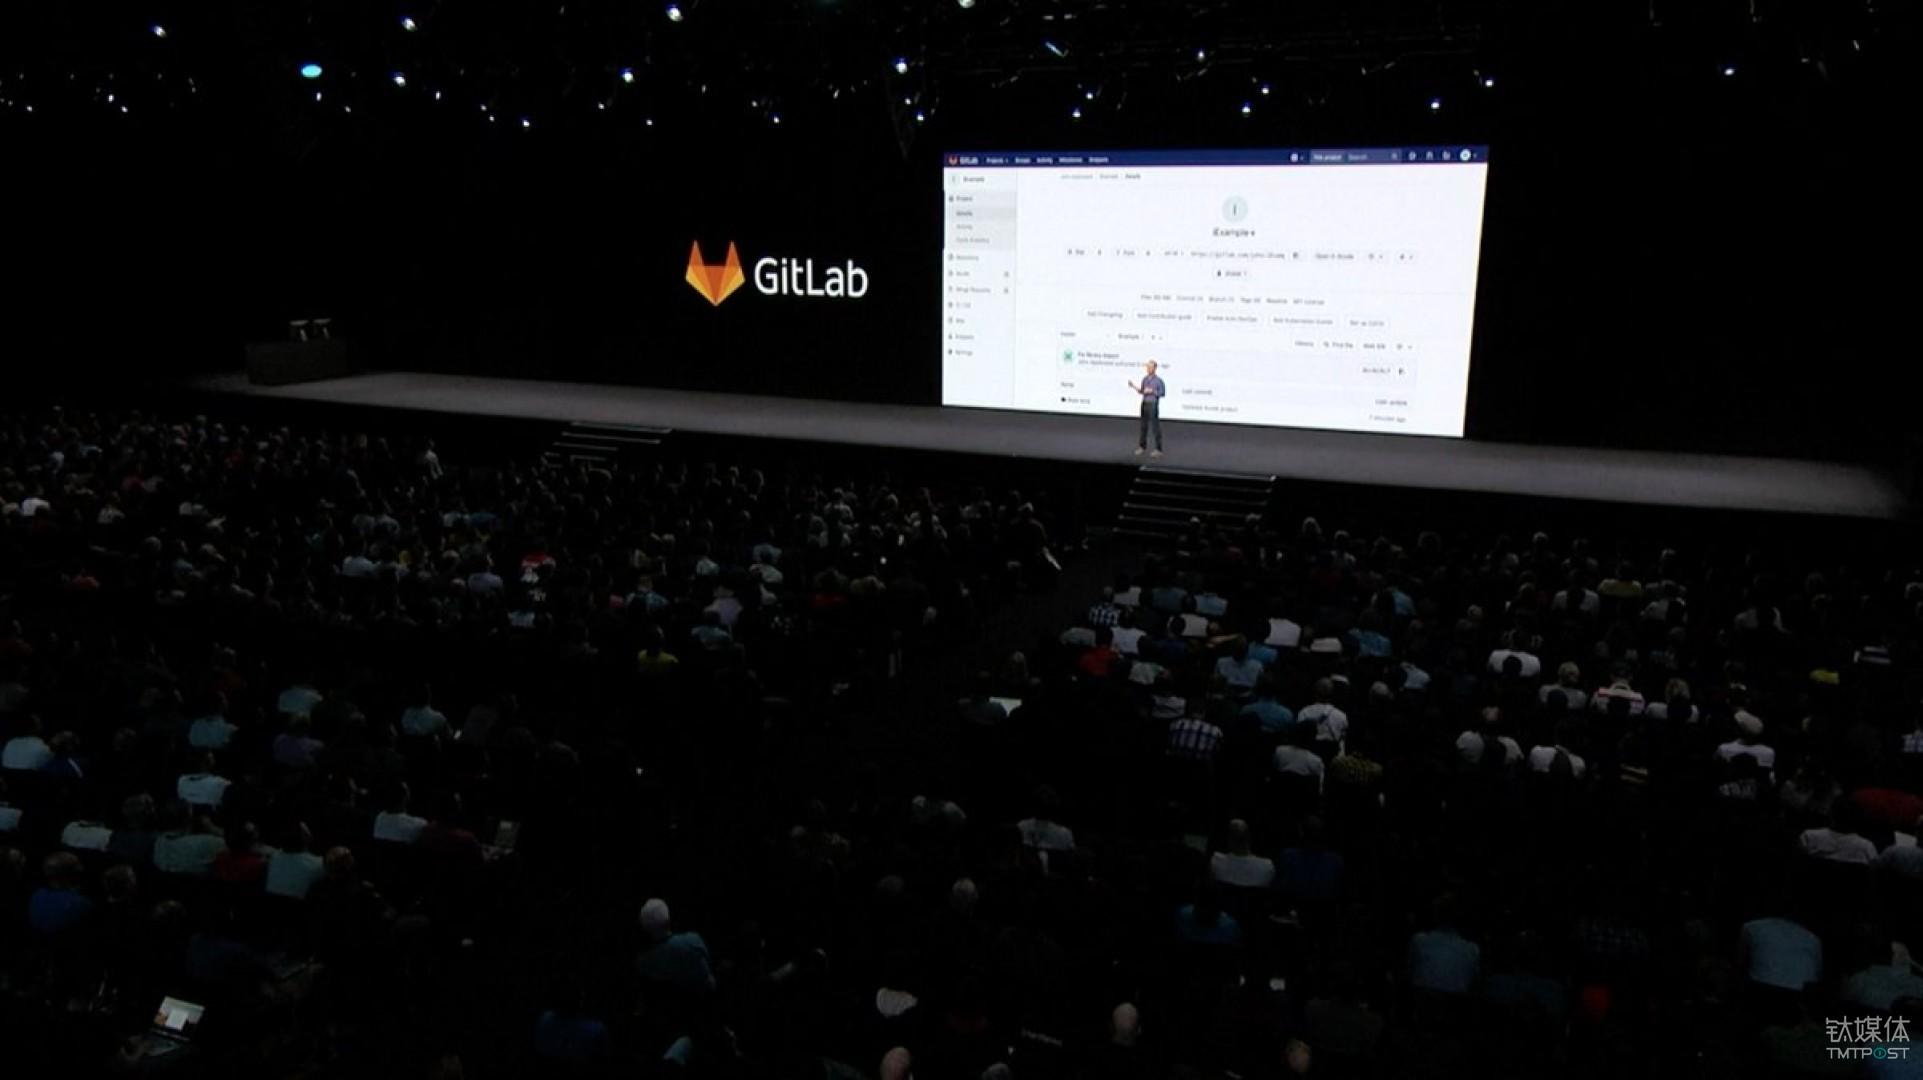 在2018年苹果公司的 WWDC 上,GitLab 与 Xcode 10整合 来源:GitLab@Twitter